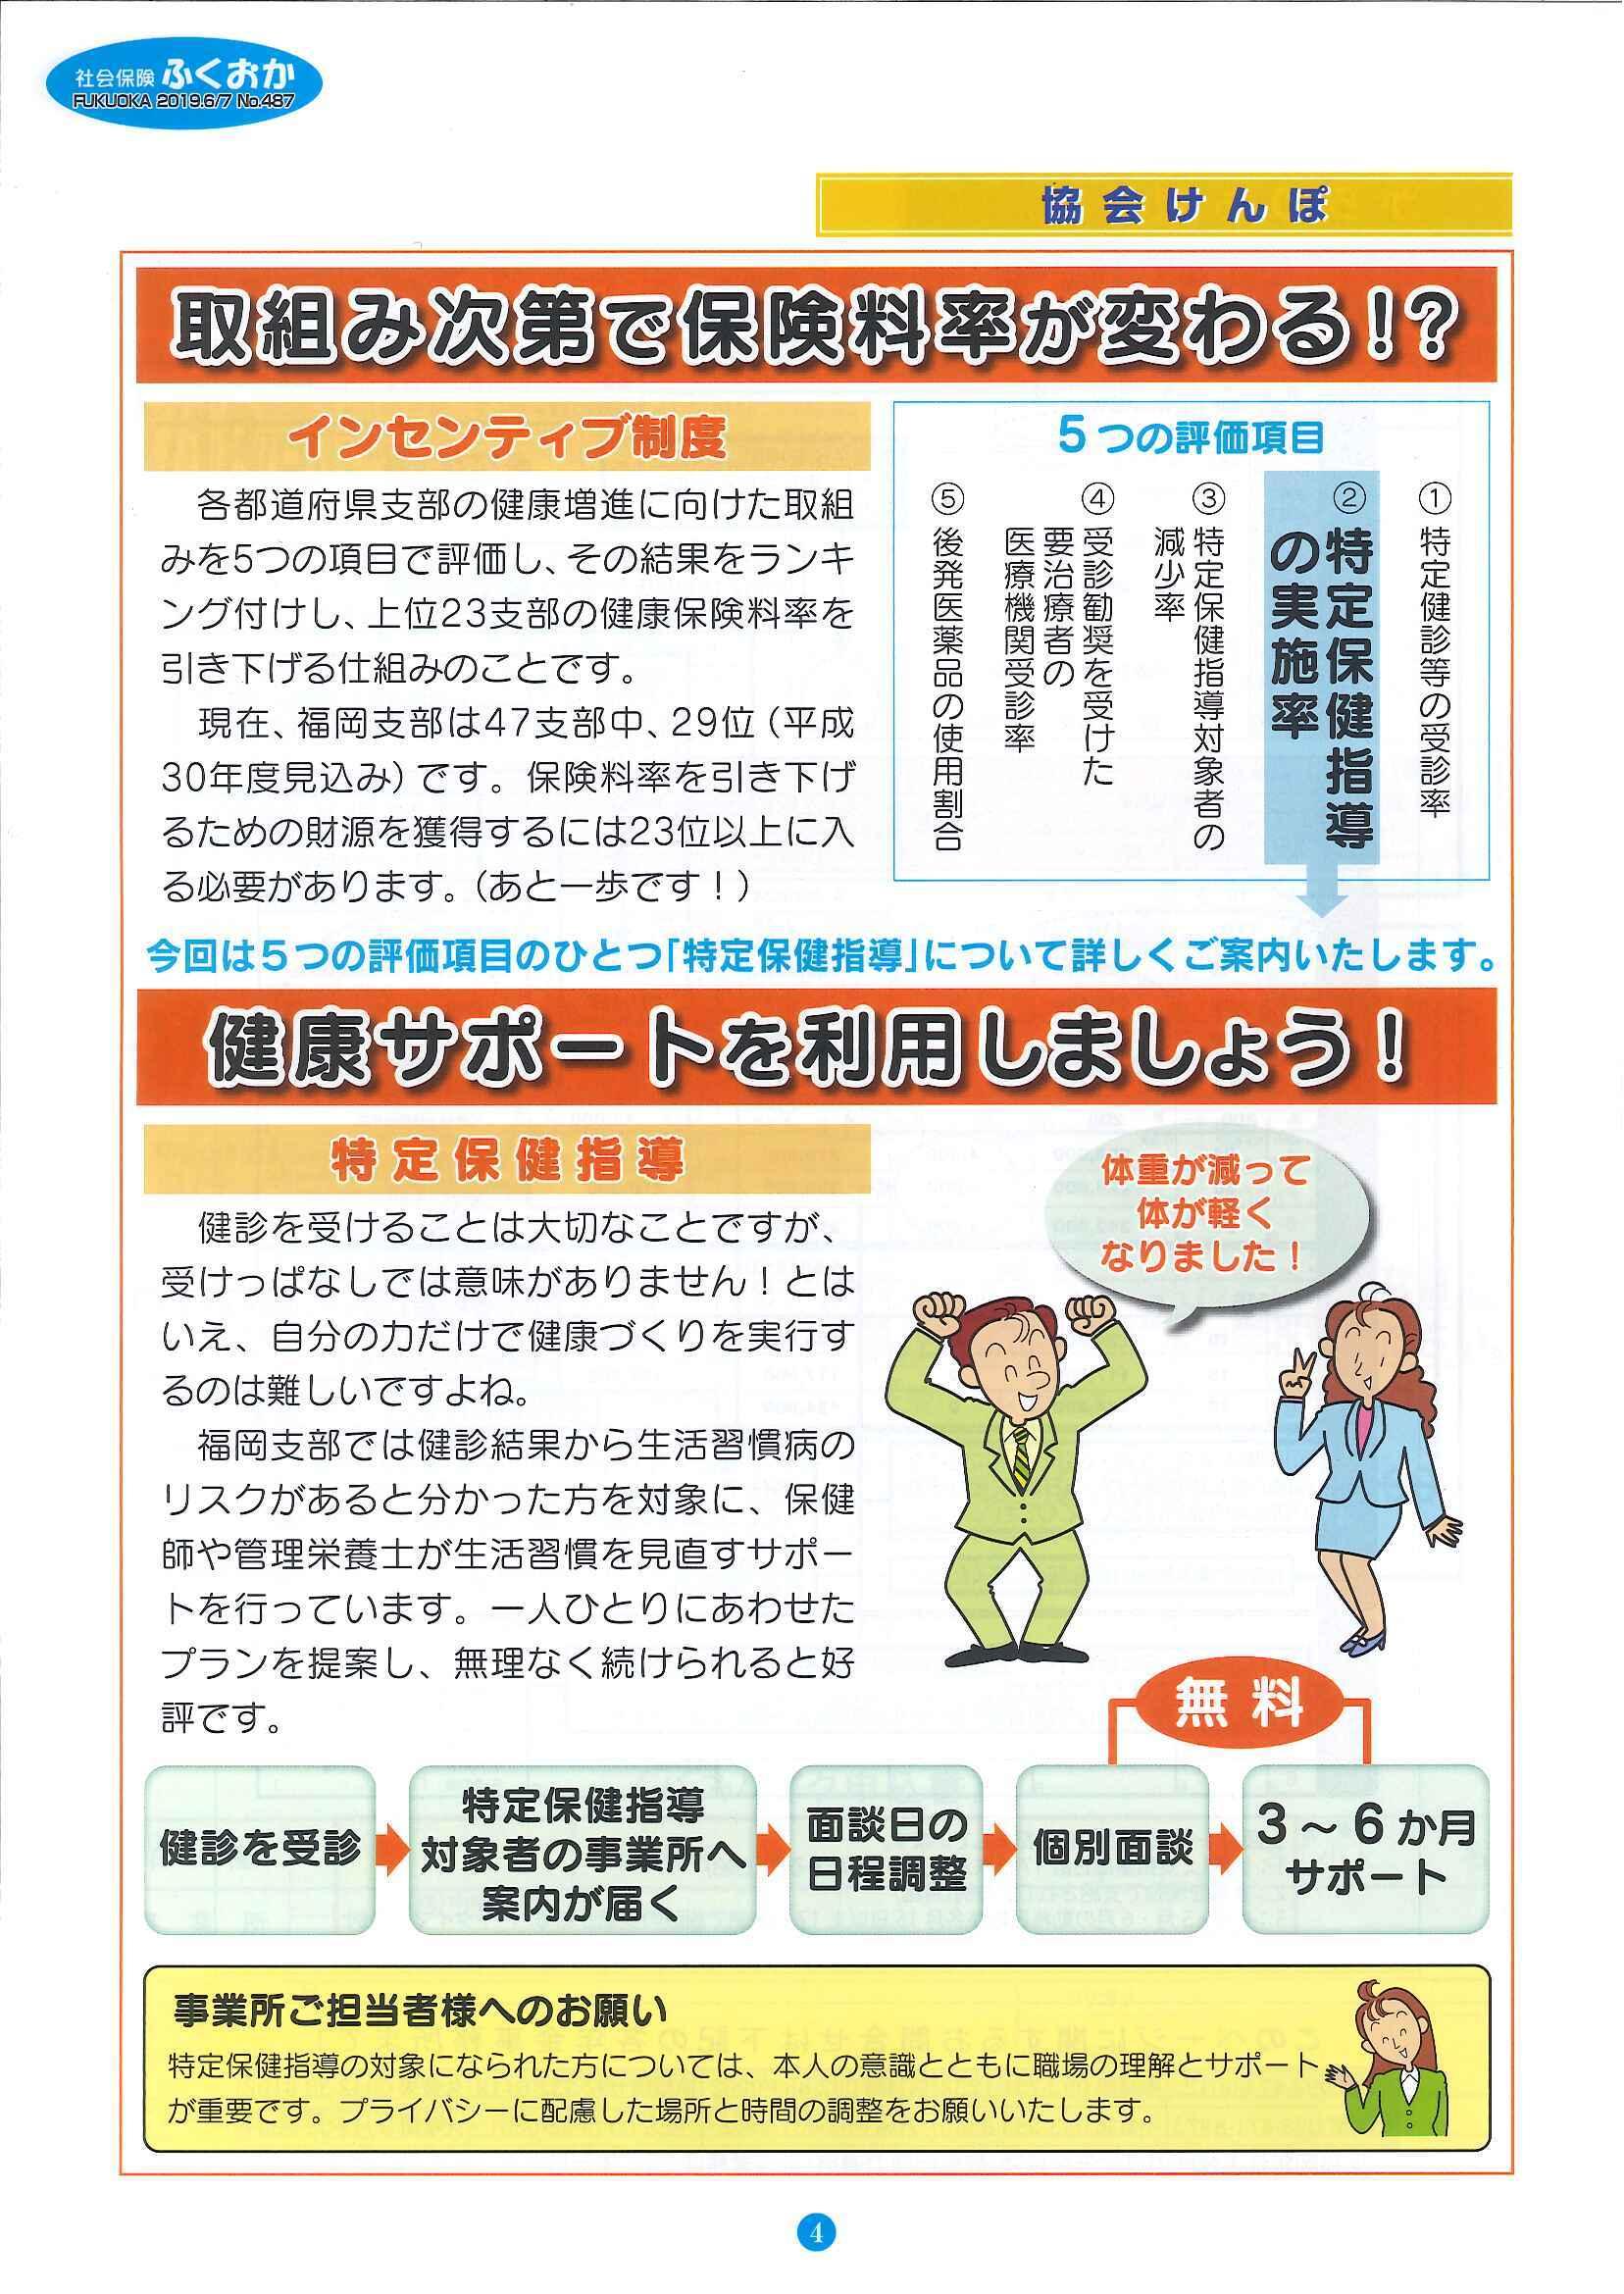 社会保険「ふくおか」2019年6・7月号_f0120774_11195886.jpg